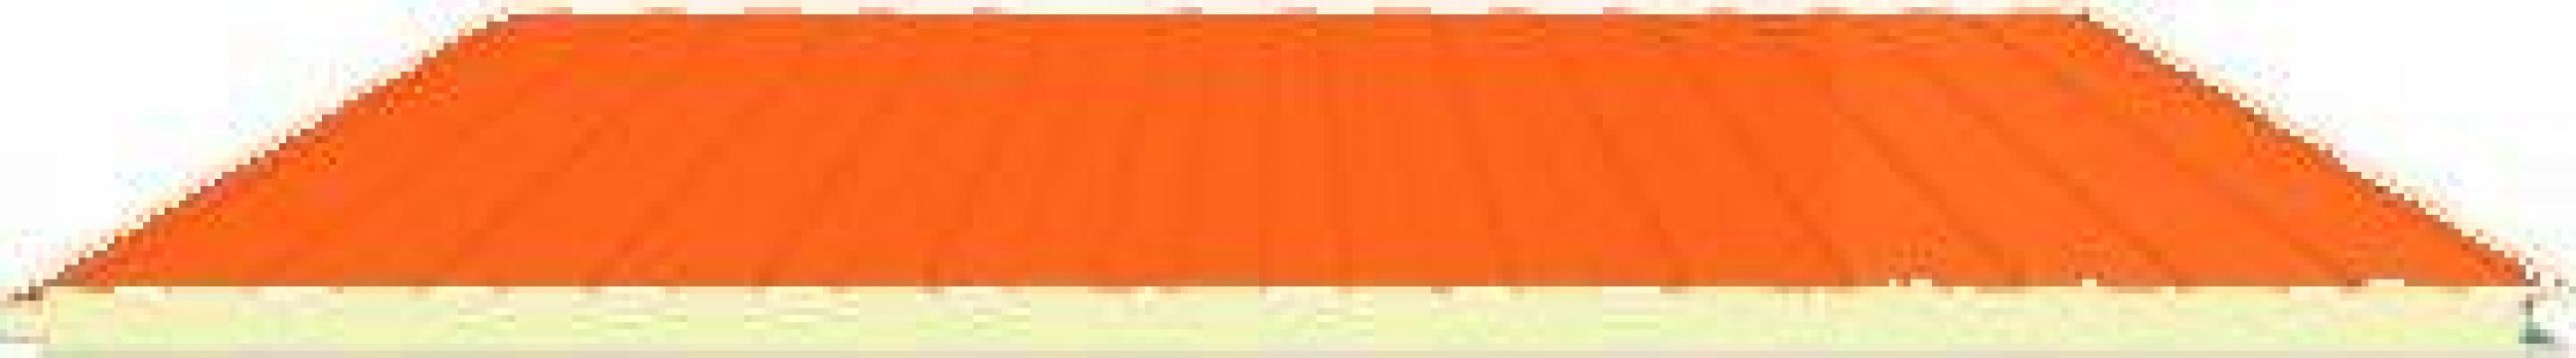 Panou perete poliuretan de la Panouri Termoizolante Otopeni